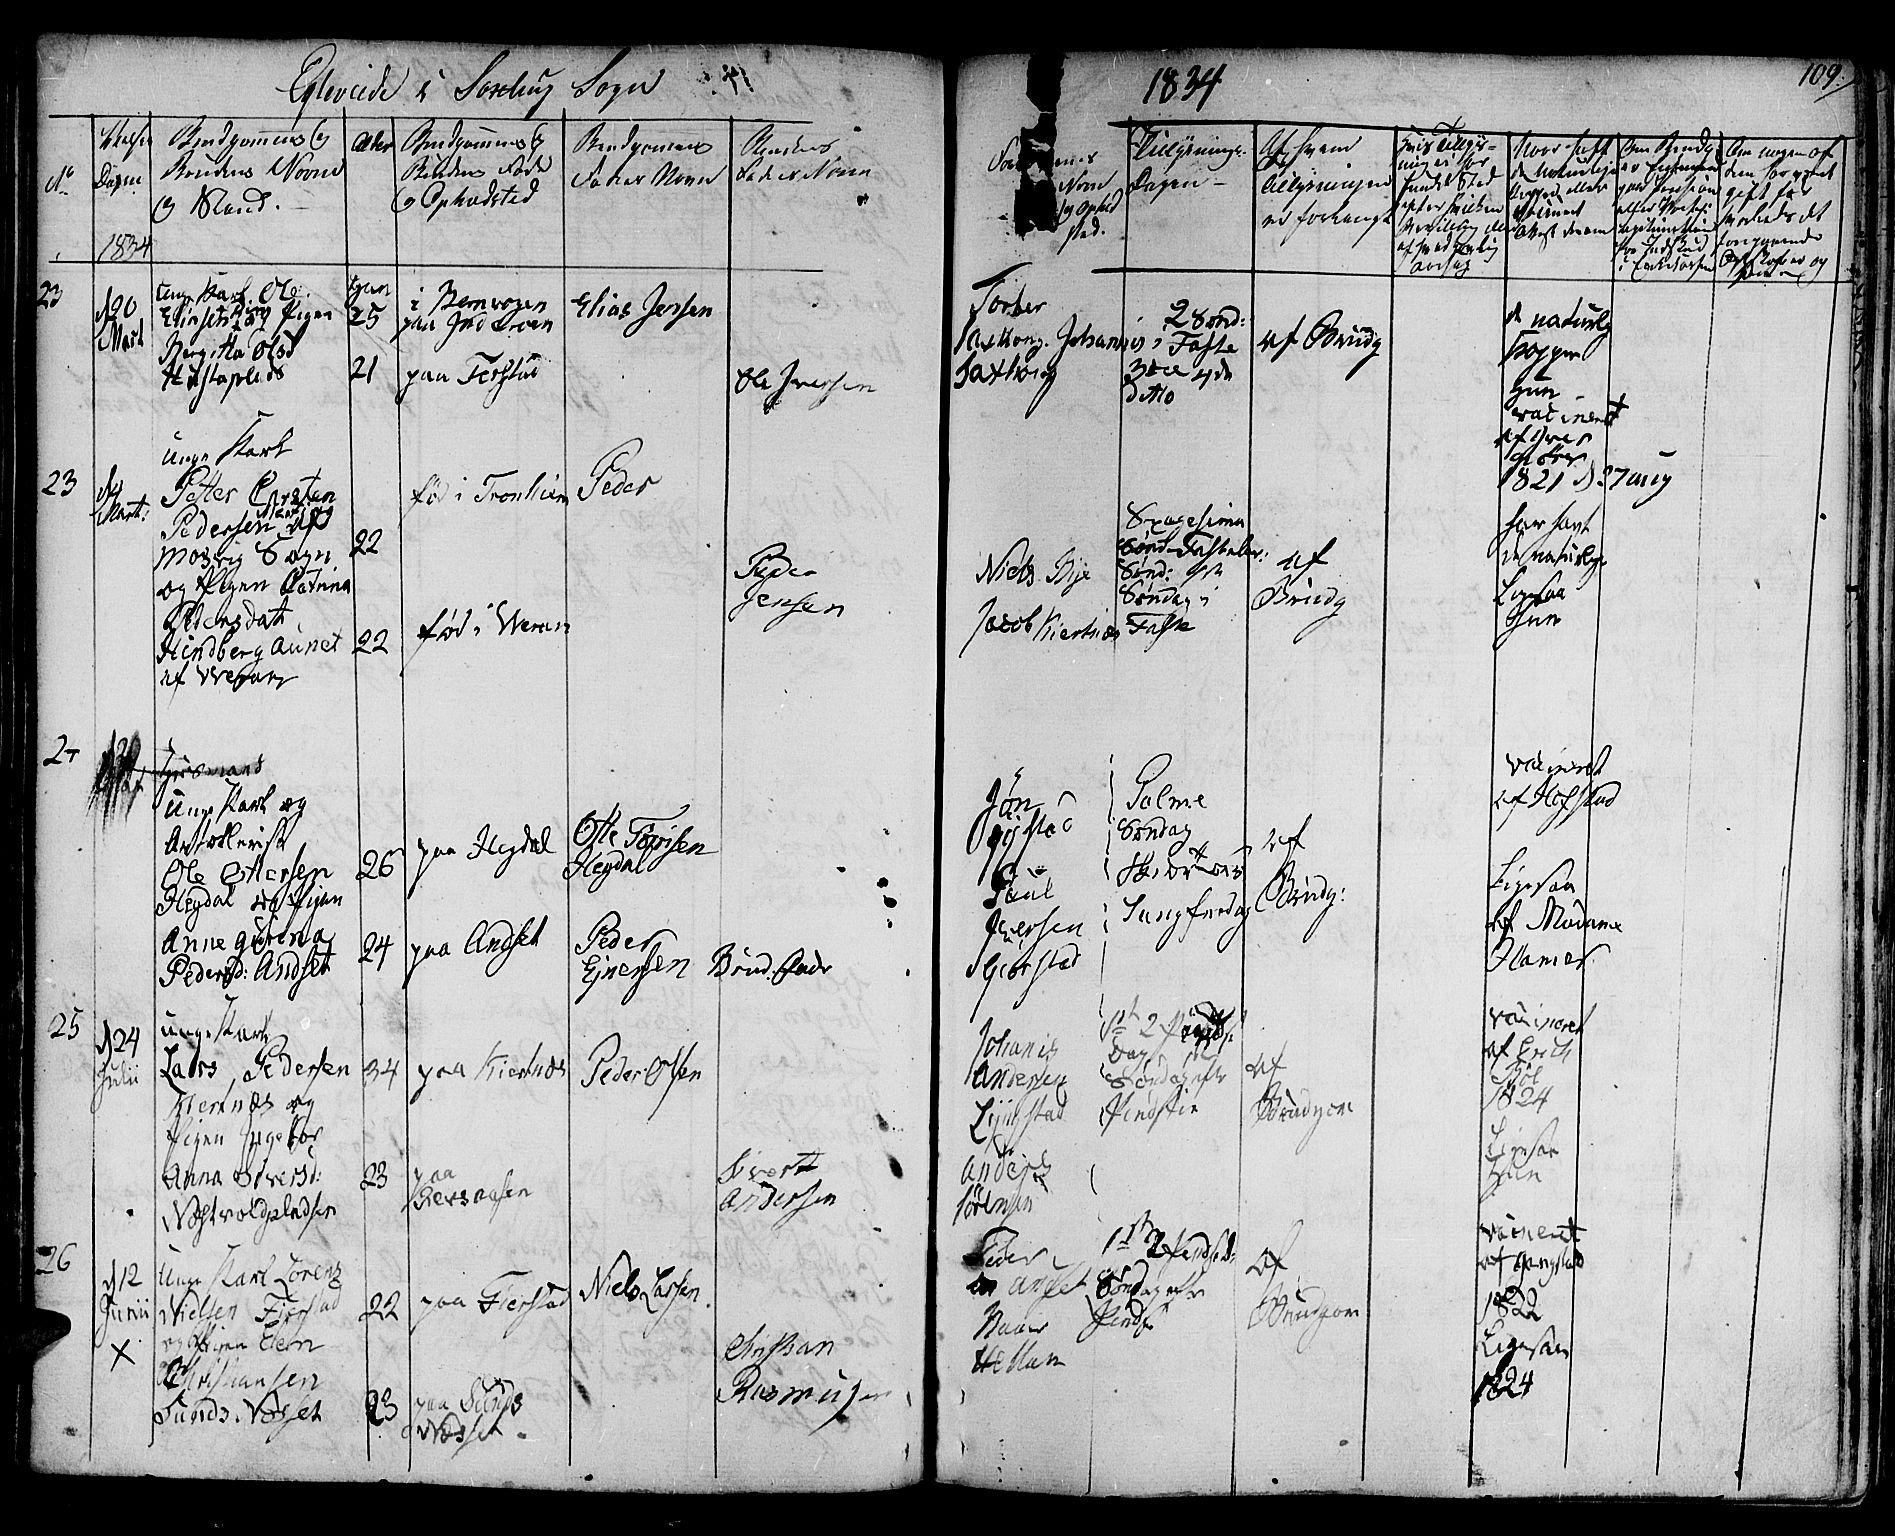 SAT, Ministerialprotokoller, klokkerbøker og fødselsregistre - Nord-Trøndelag, 730/L0277: Ministerialbok nr. 730A06 /1, 1830-1839, s. 109